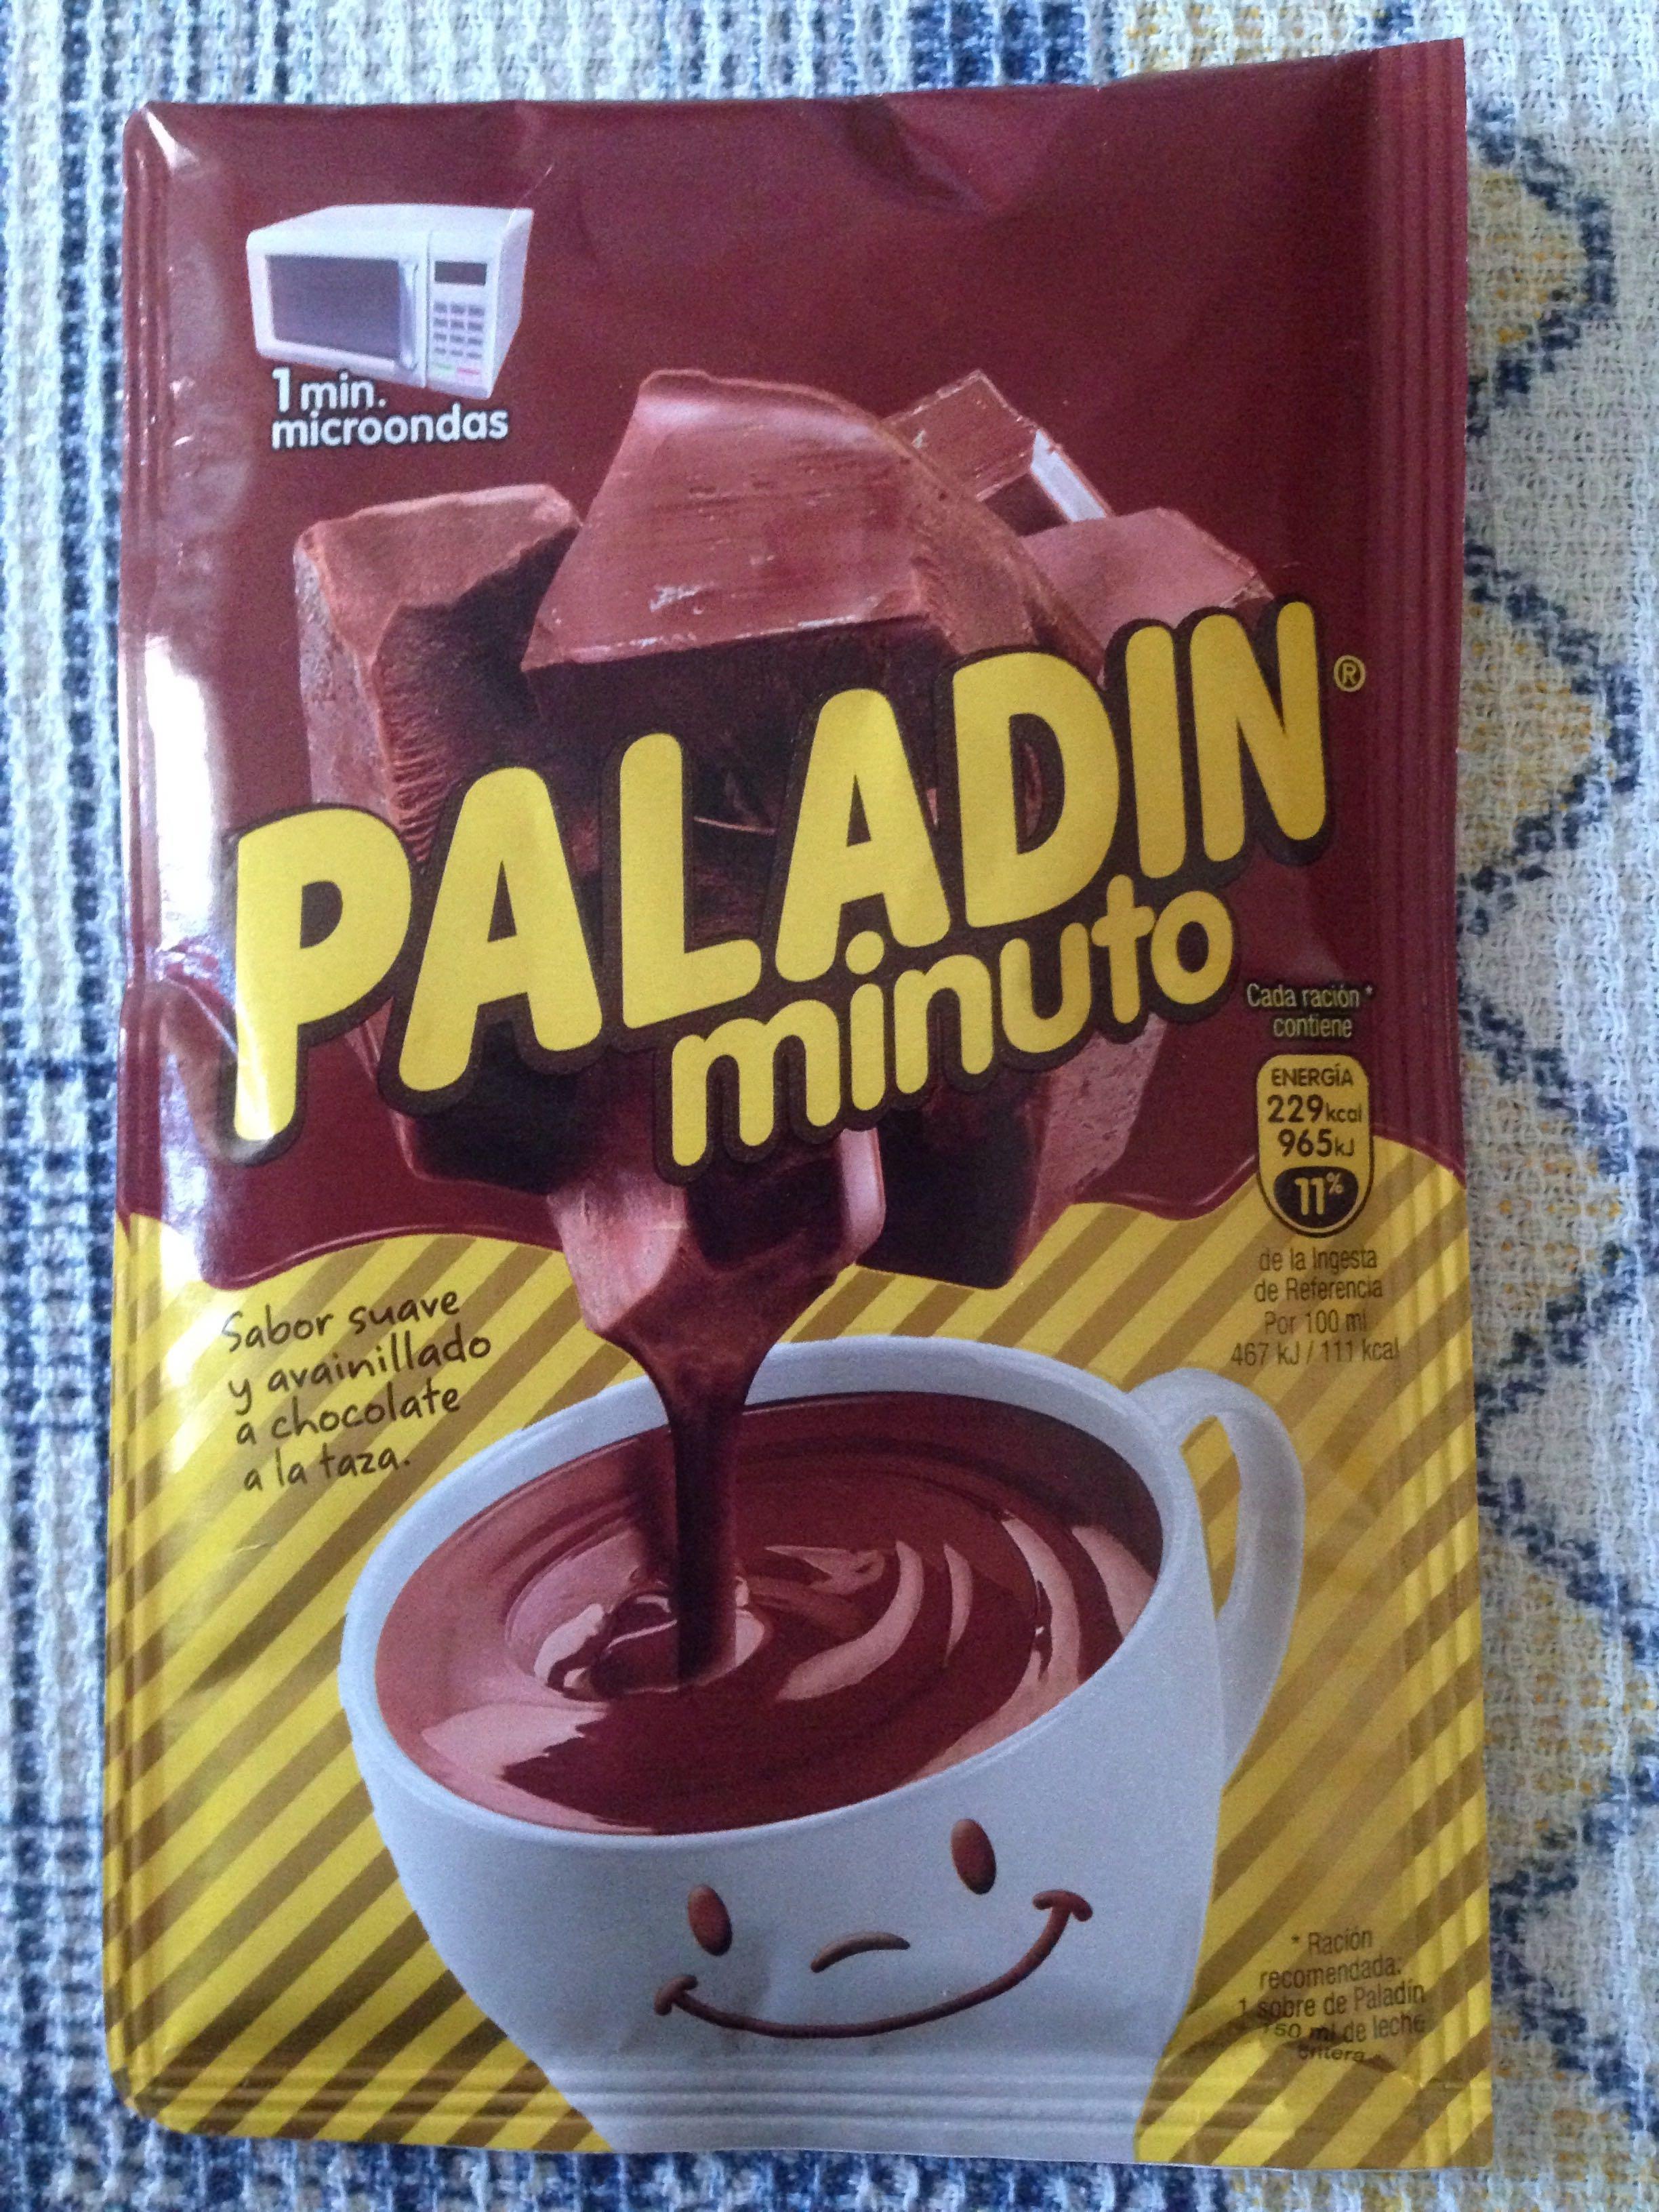 Paladín maestro - Producto - fr